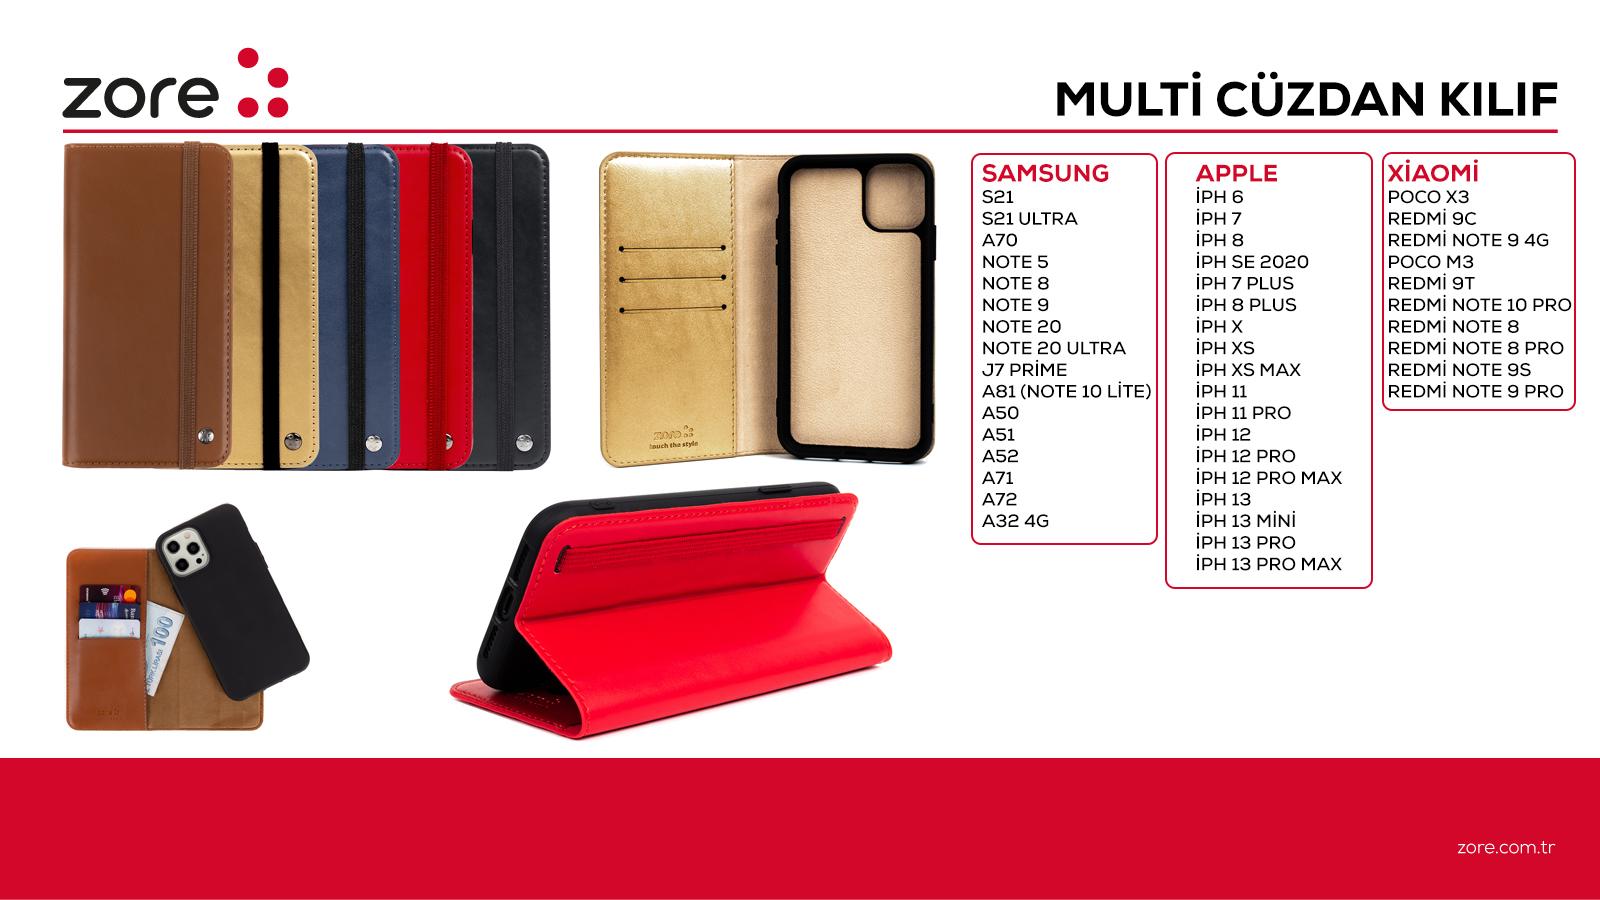 multi cüzdan kılıf.jpg (582 KB)